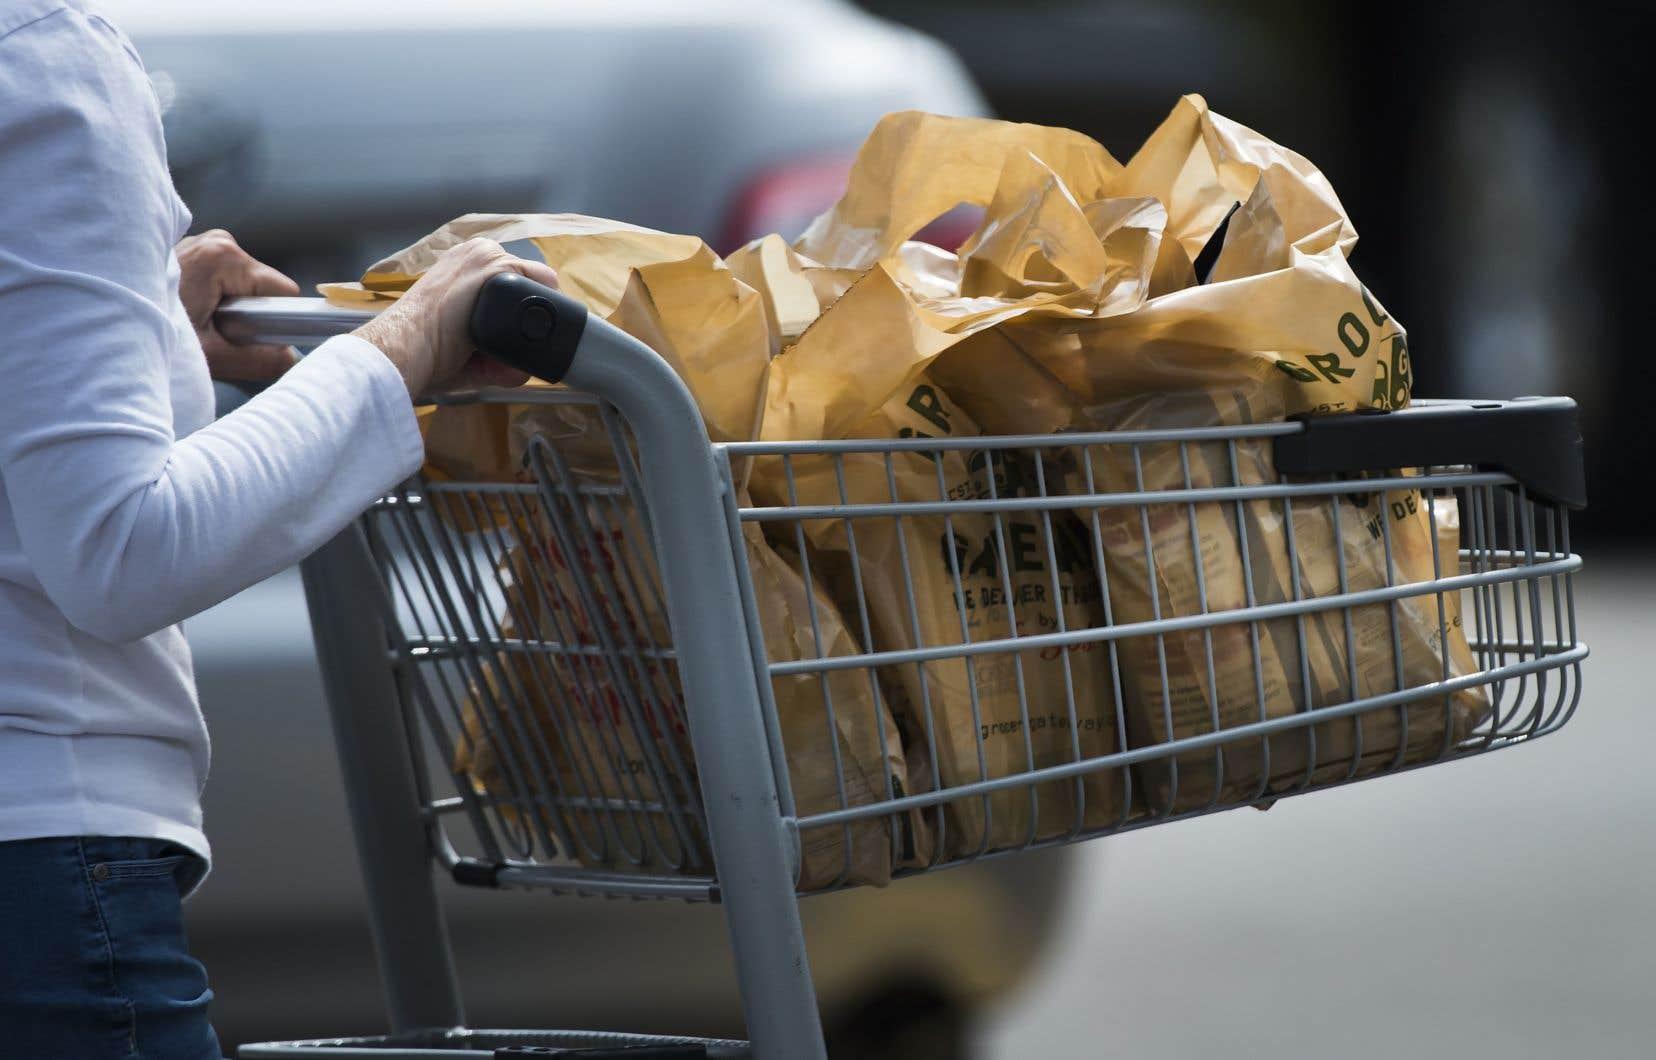 Les magasins doivent dorénavant fournir des sacs et les clients ne peuvent pas utiliser leurs contenants ou sacs réutilisables en Colombie-Britannique.